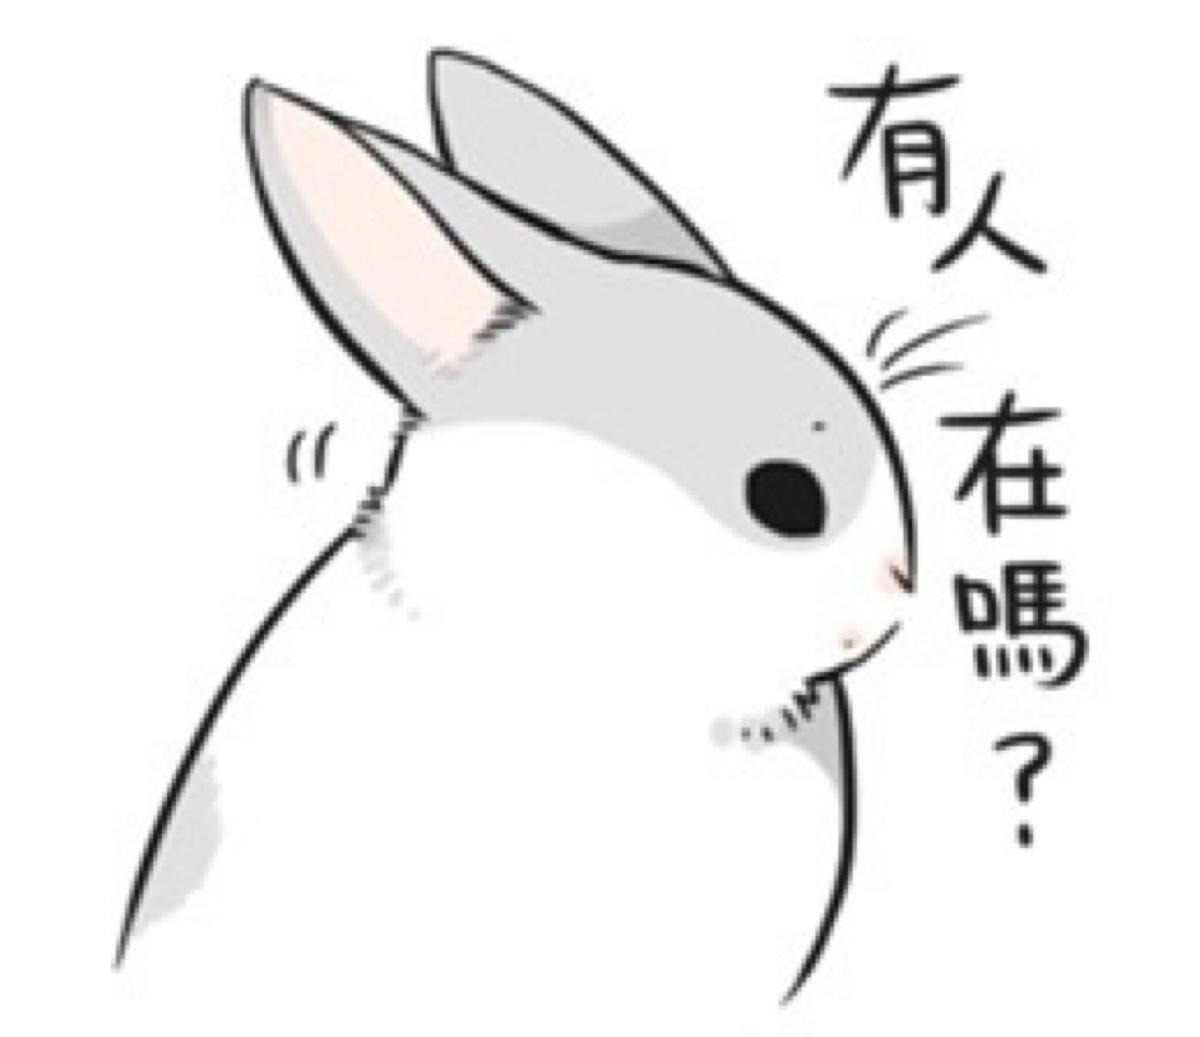 表情 q版动物简笔画图片 q版动物简笔画图片下载 表情